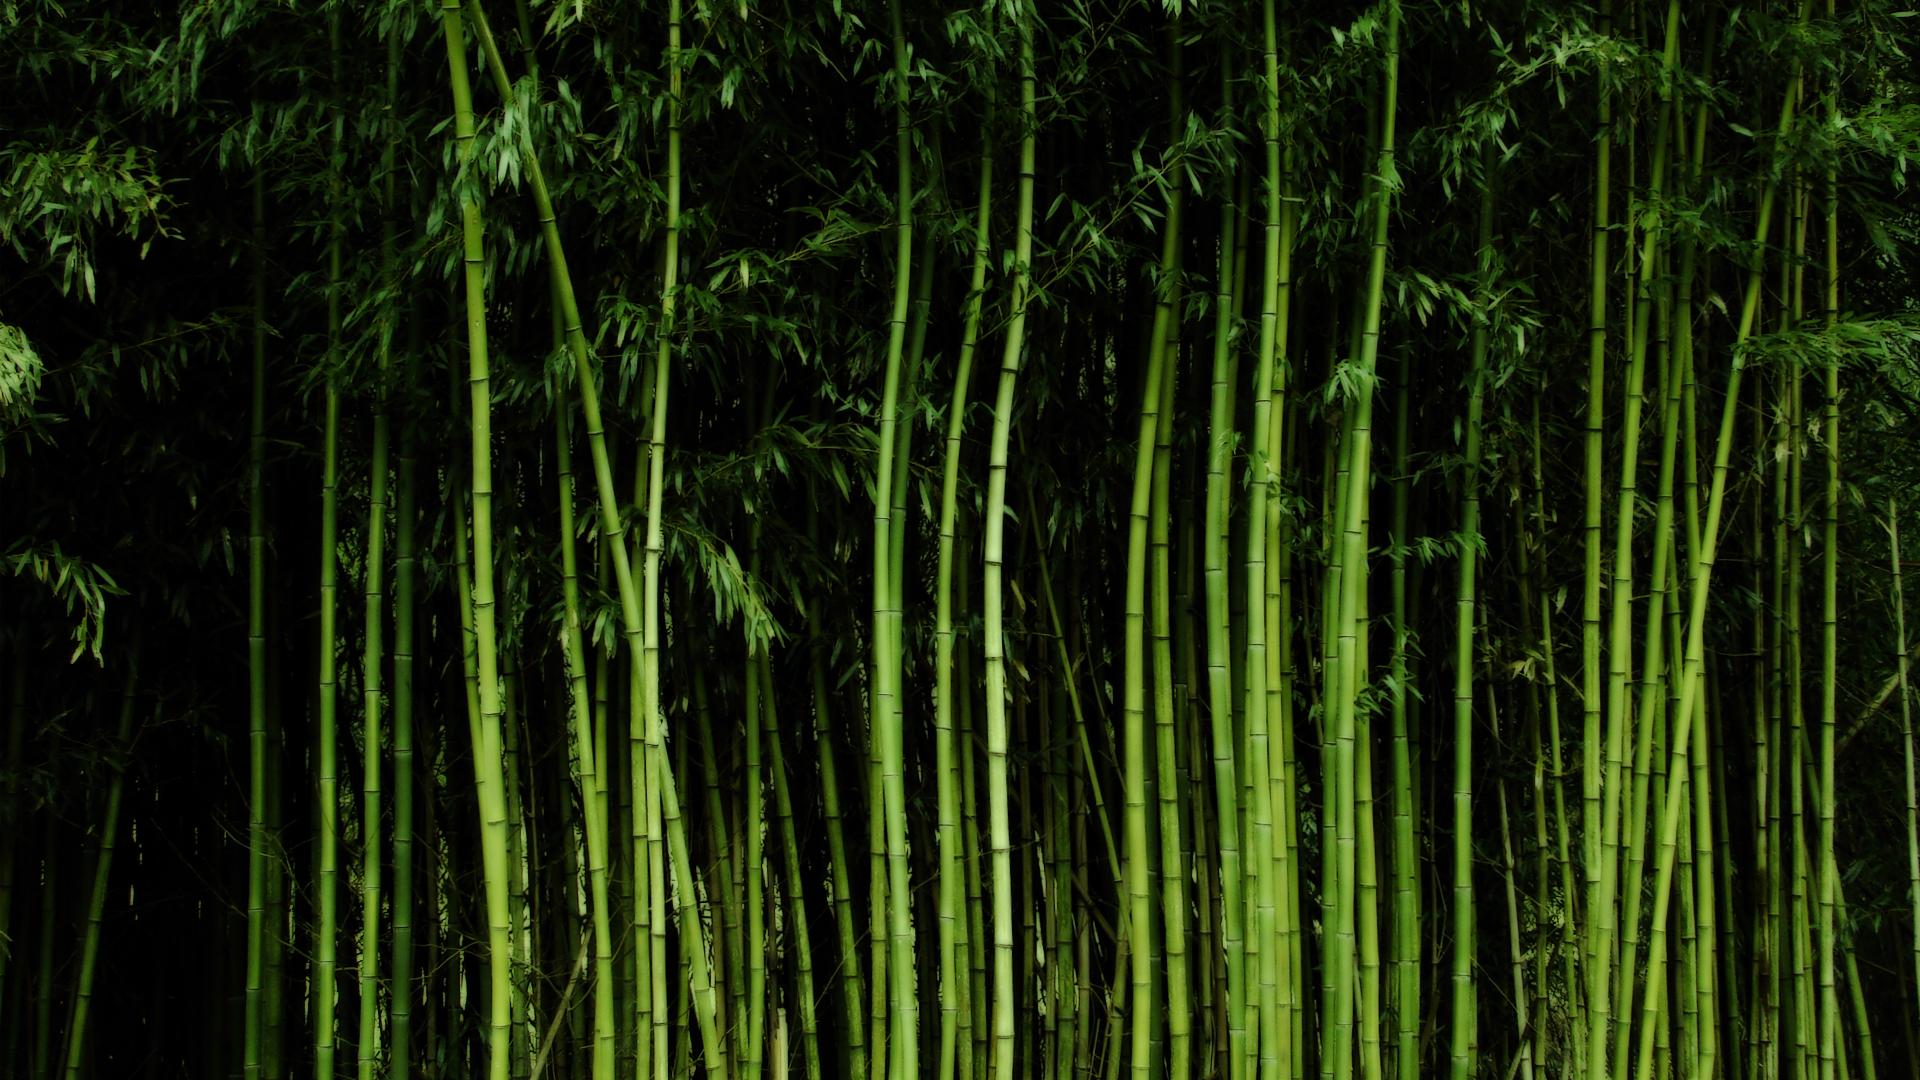 Bamboo Wallpaper by LauraMizvaria Bamboo Wallpaper by LauraMizvaria